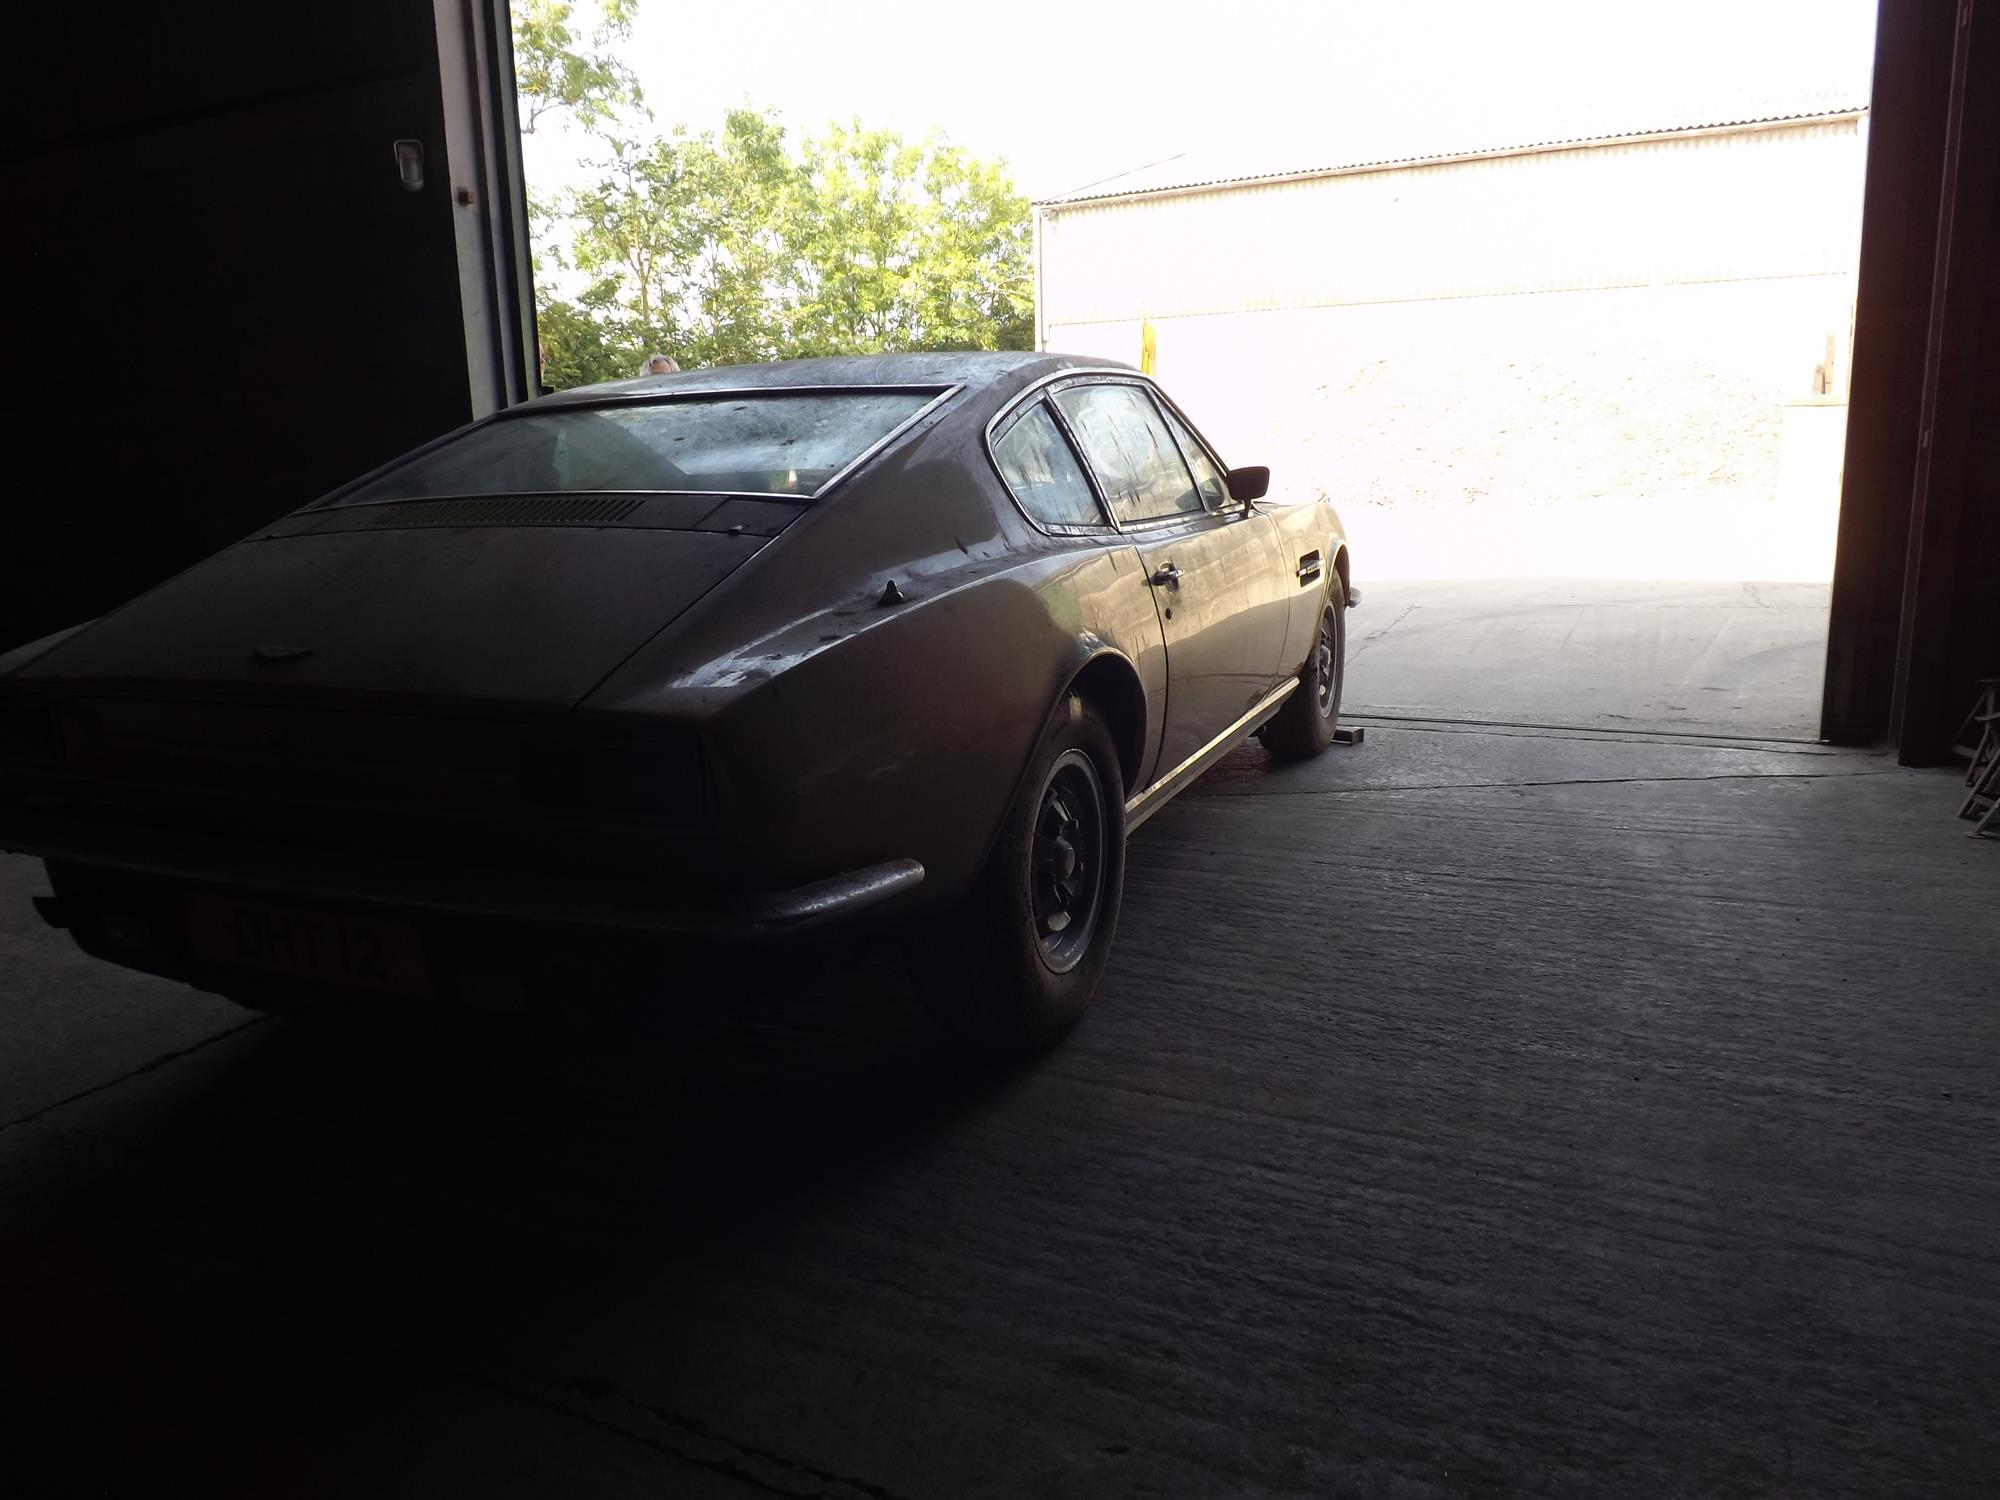 1973 Aston Martin AM V8 - Garage Find - Image 7 of 13